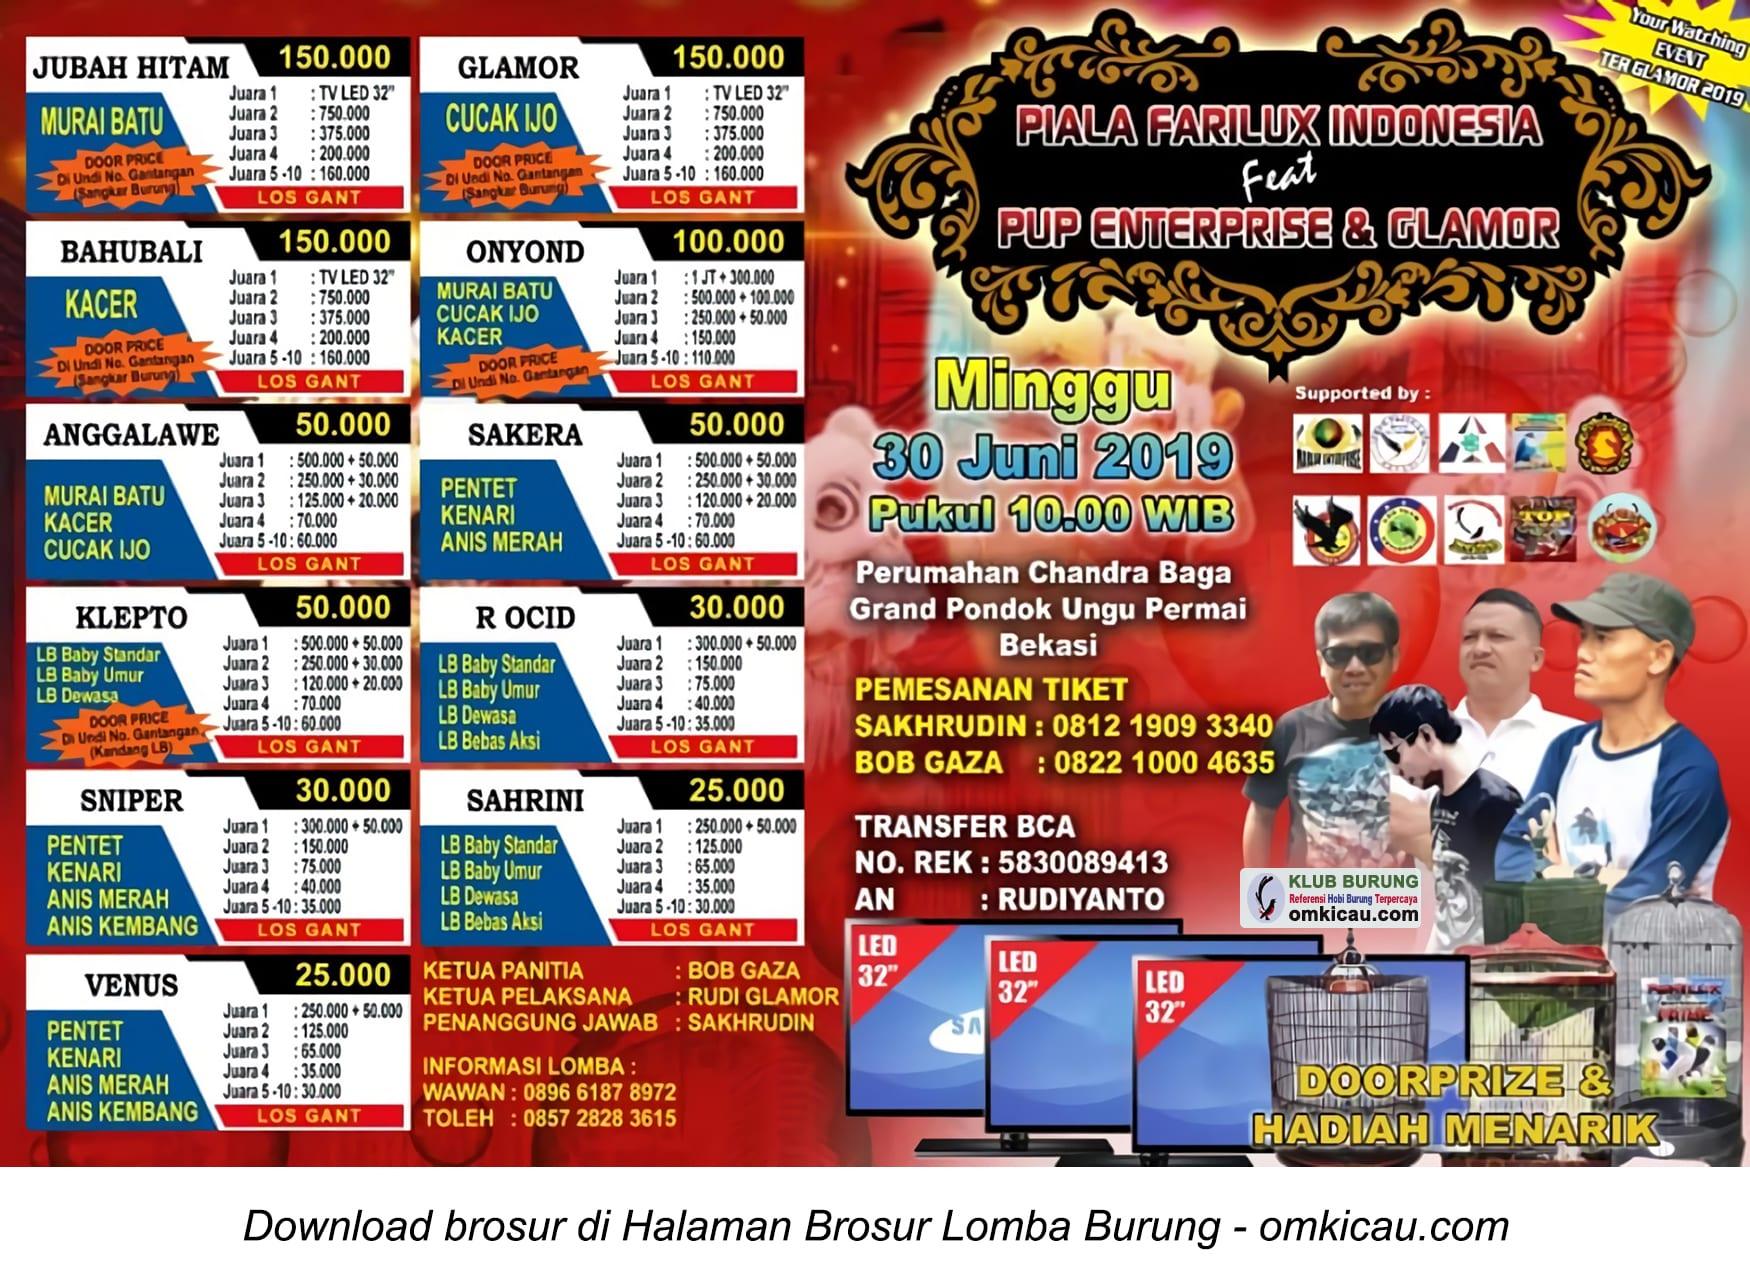 Piala Farilux Indonesia